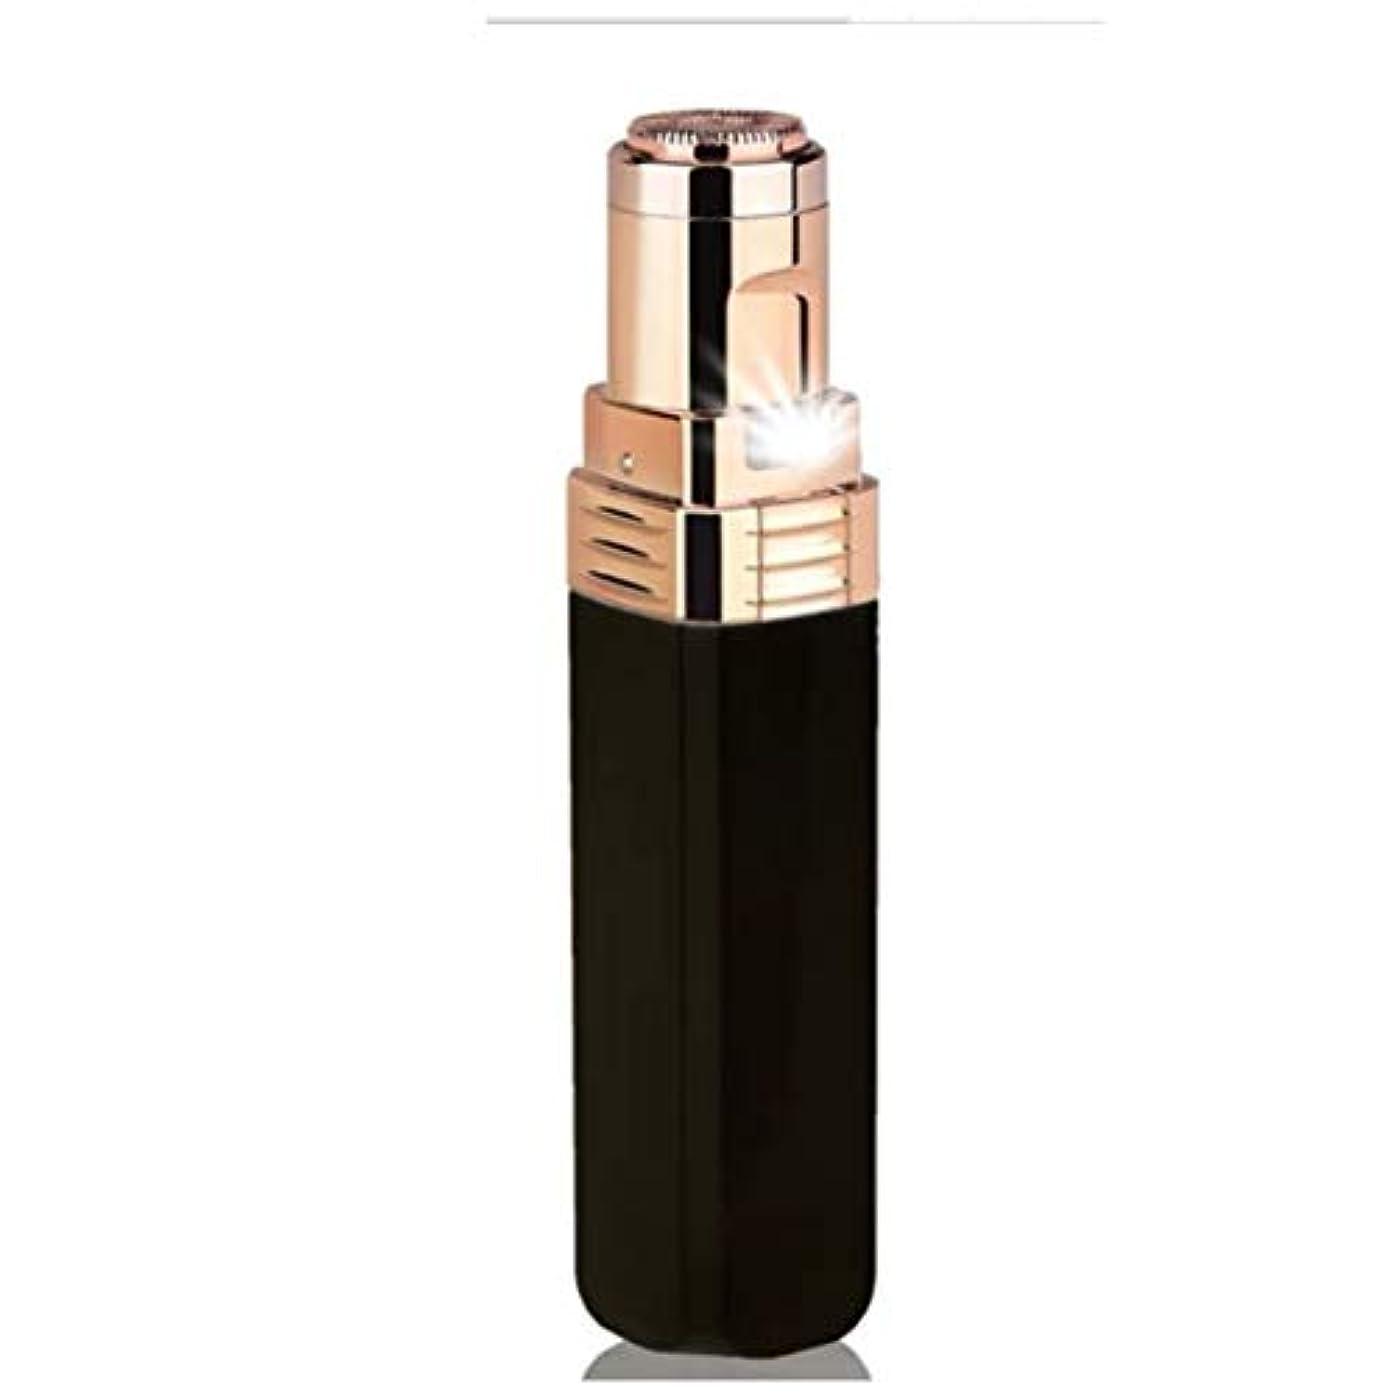 ぜいたく利益上流の頬、唇、あご、首、防水、電池式に適した女性の顔の毛の脱毛剤のための女性の顔の毛の除去剤、,Black